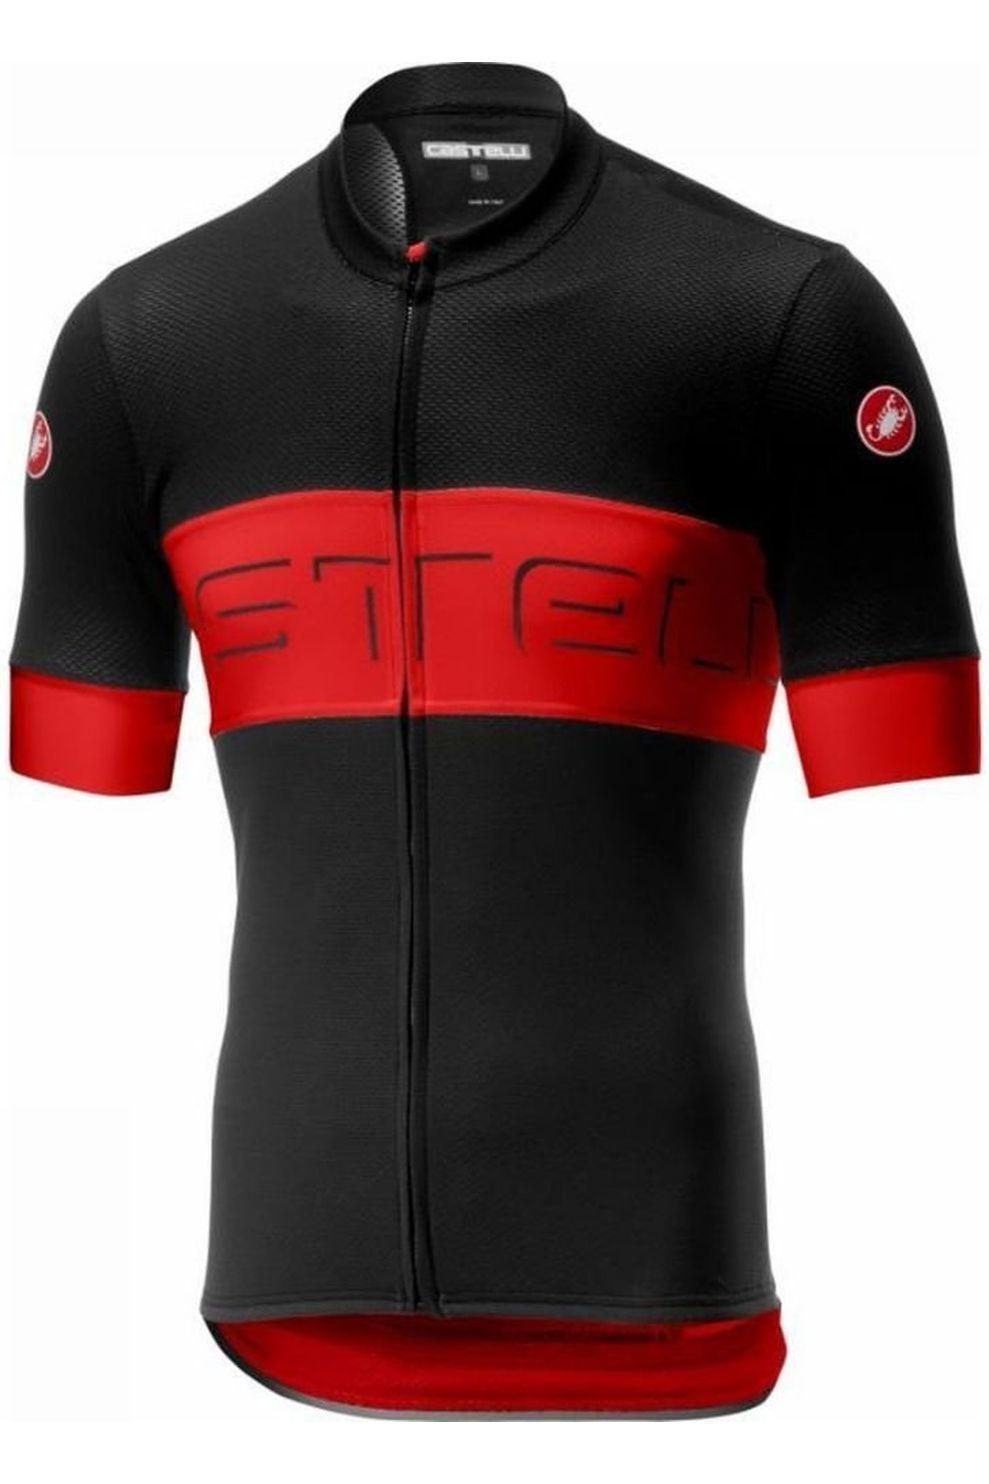 Castelli T-Shirt Prologo Vi voor heren - Zwart/Rood - Maten: M, L, XL, XXL